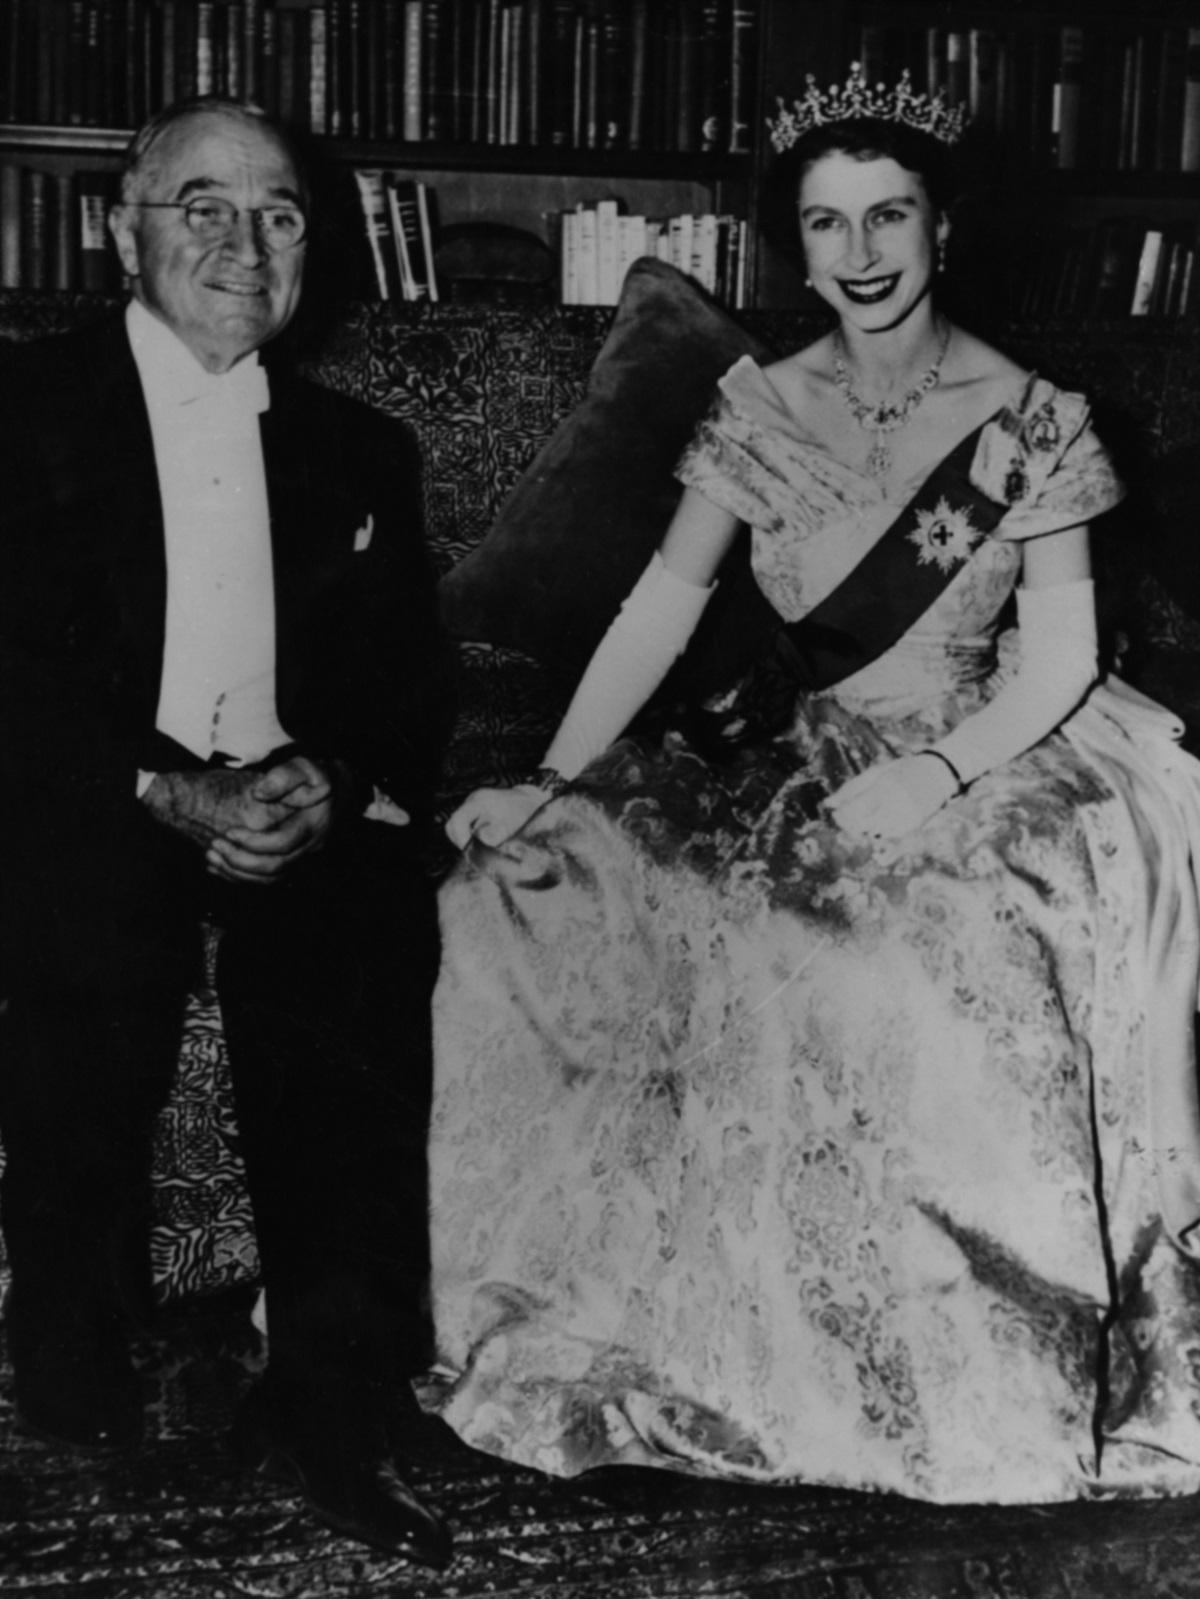 """1. Хари Труман е президент на САЩ от 1945 до 1953 г. Управлението му е изпълнено със значими събития, сред коитоизползването на атомната бомба, краят наВтората световна война, започването наСтудената война(Доктрина """"Труман""""), създаването наООН,Корейската война. Принцеса Елизабет се среща с него във Вашингтон през 1951 г., когато е 25-годишна."""